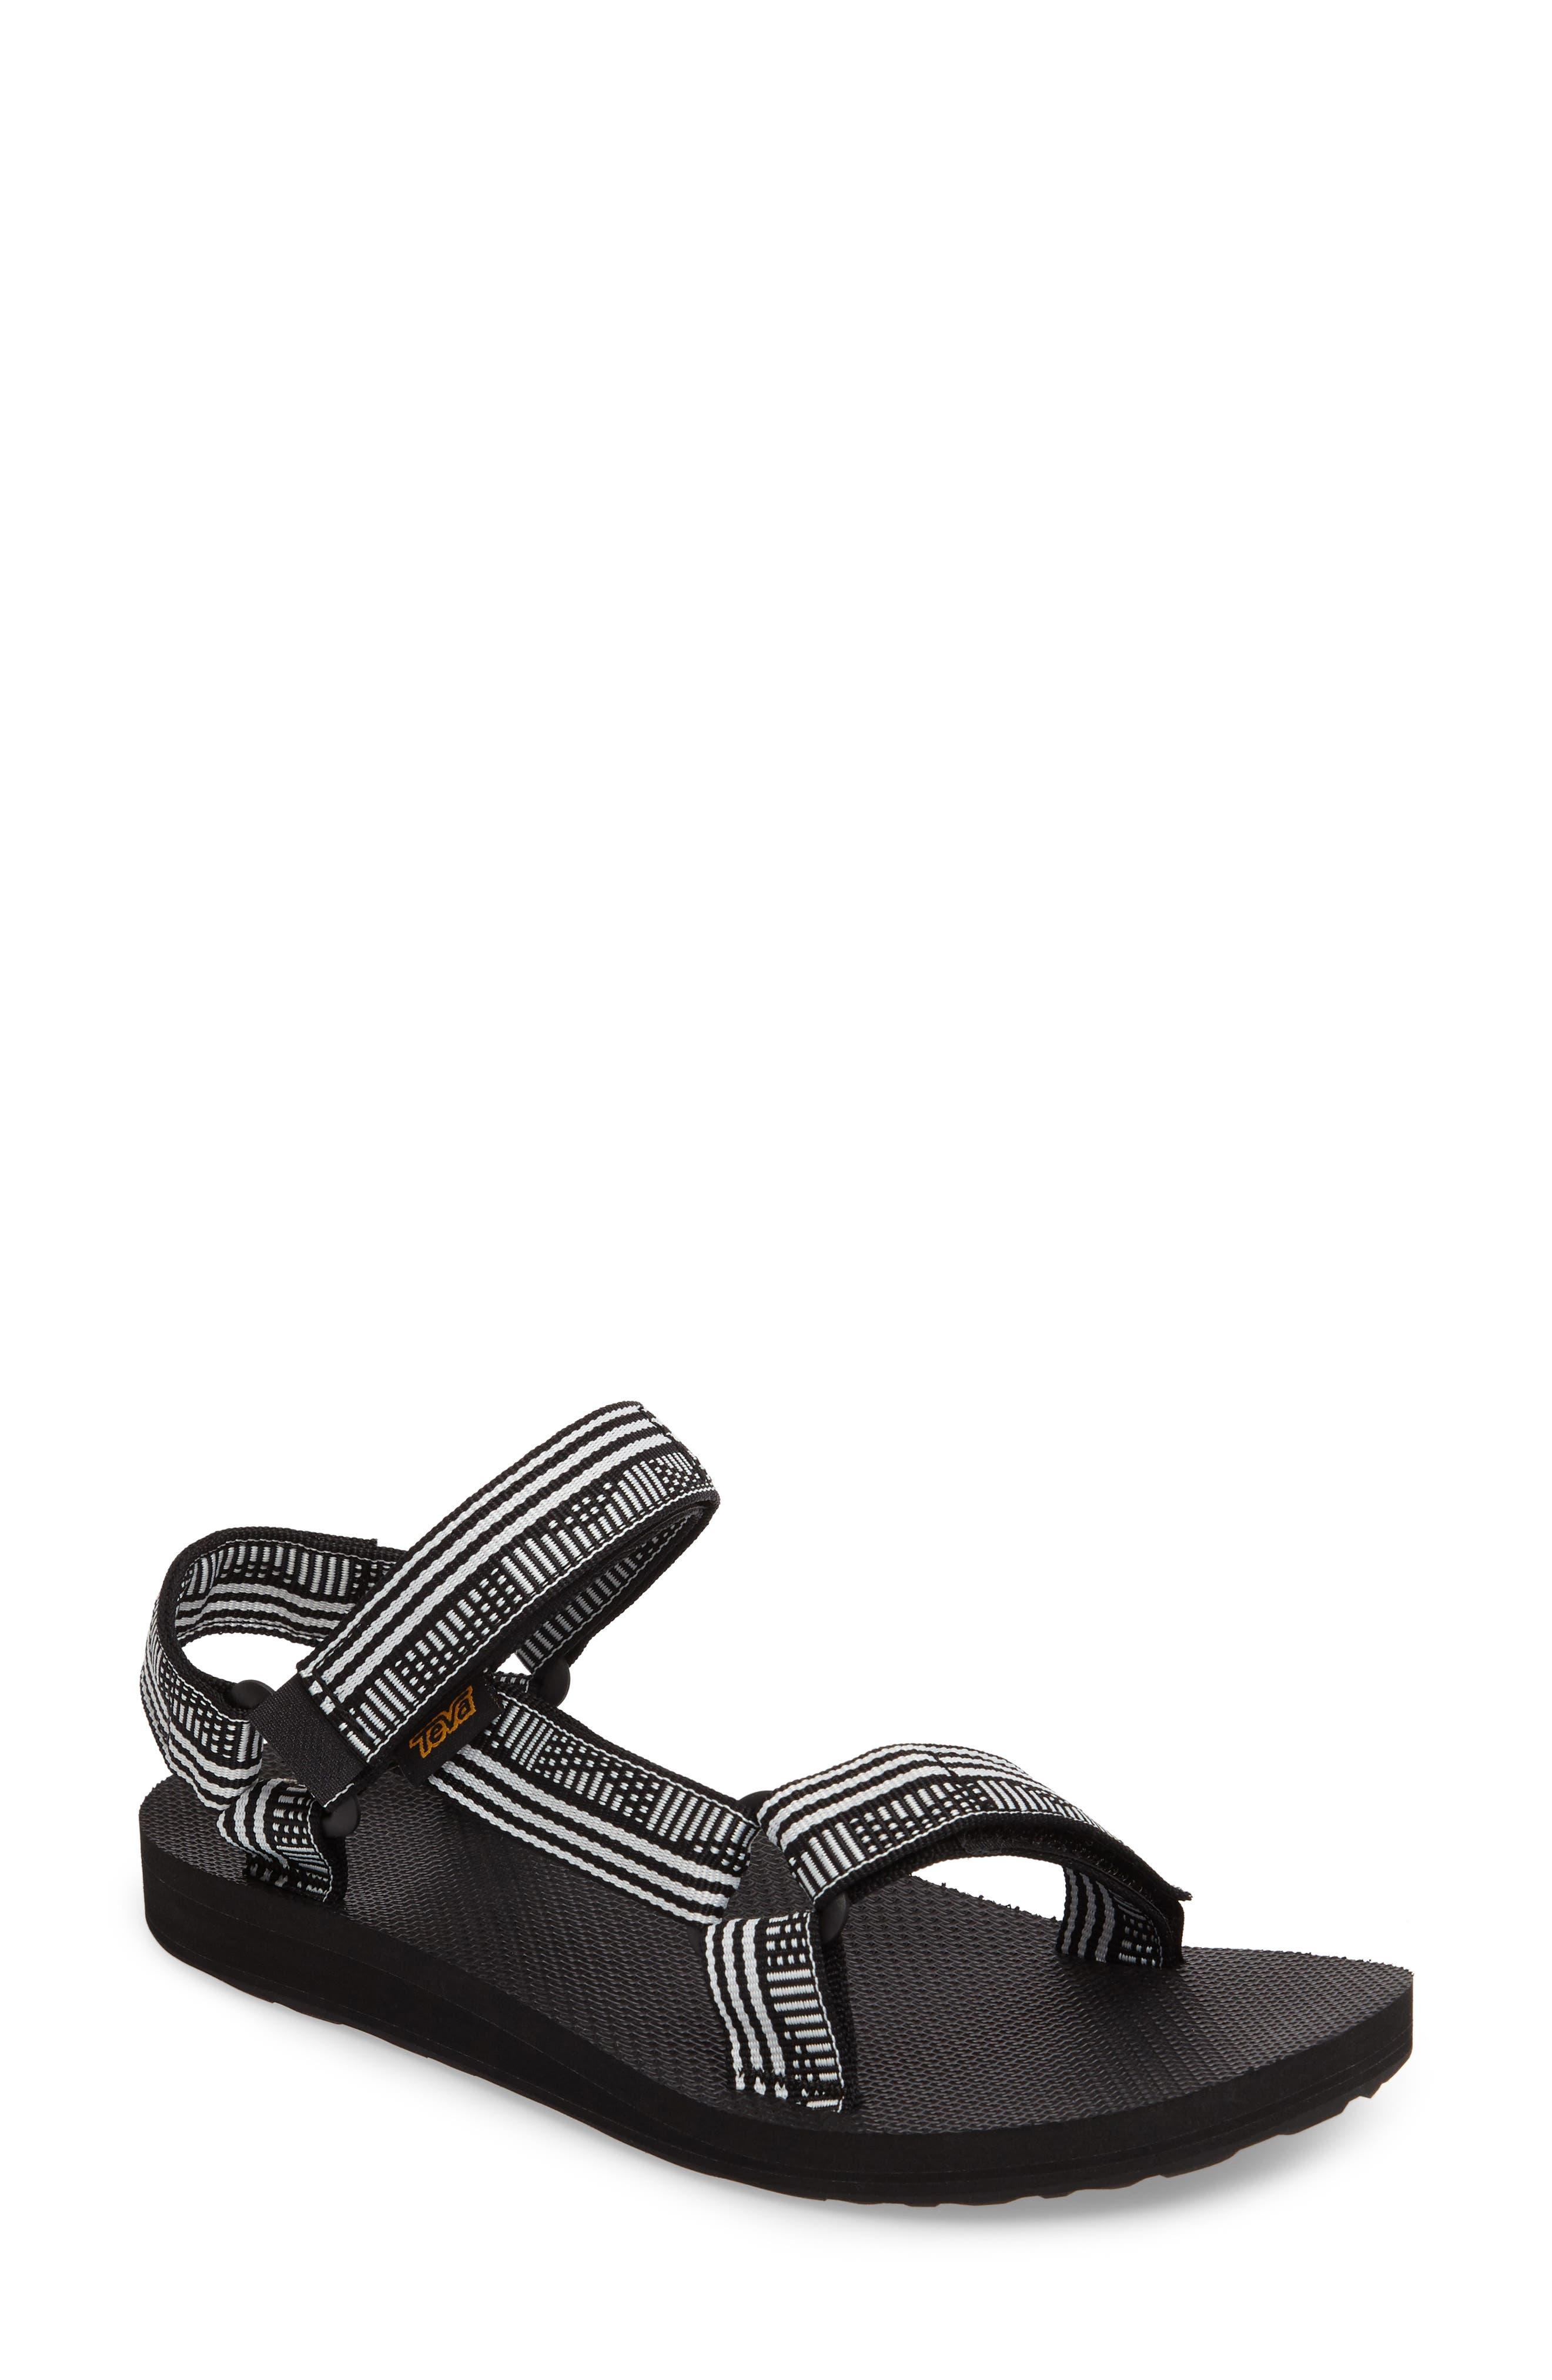 Main Image - Teva 'Original Universal' Sandal (Women)